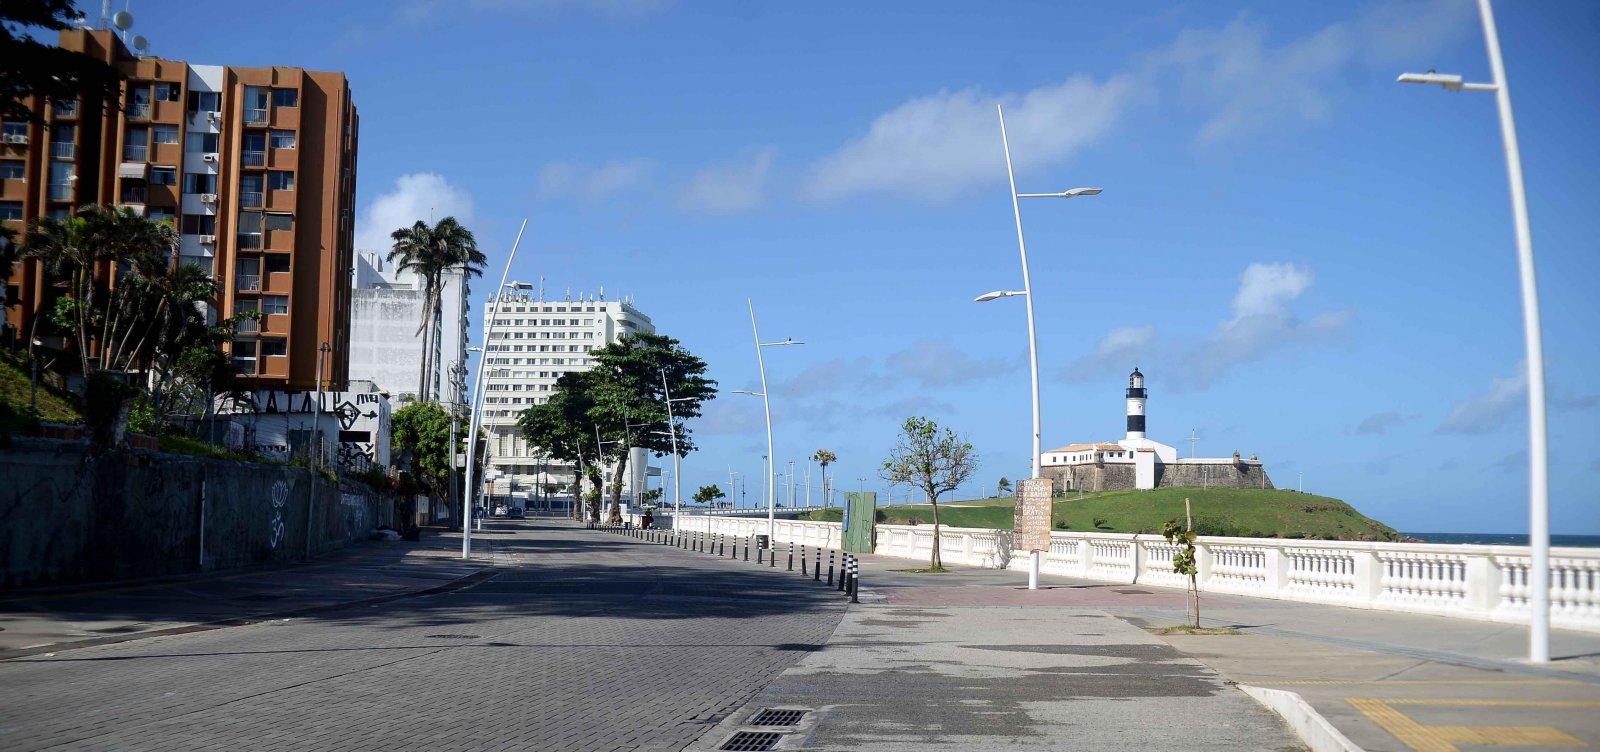 Em agosto, Bahia registrou 3º maior índice de isolamento social do país, diz IBGE